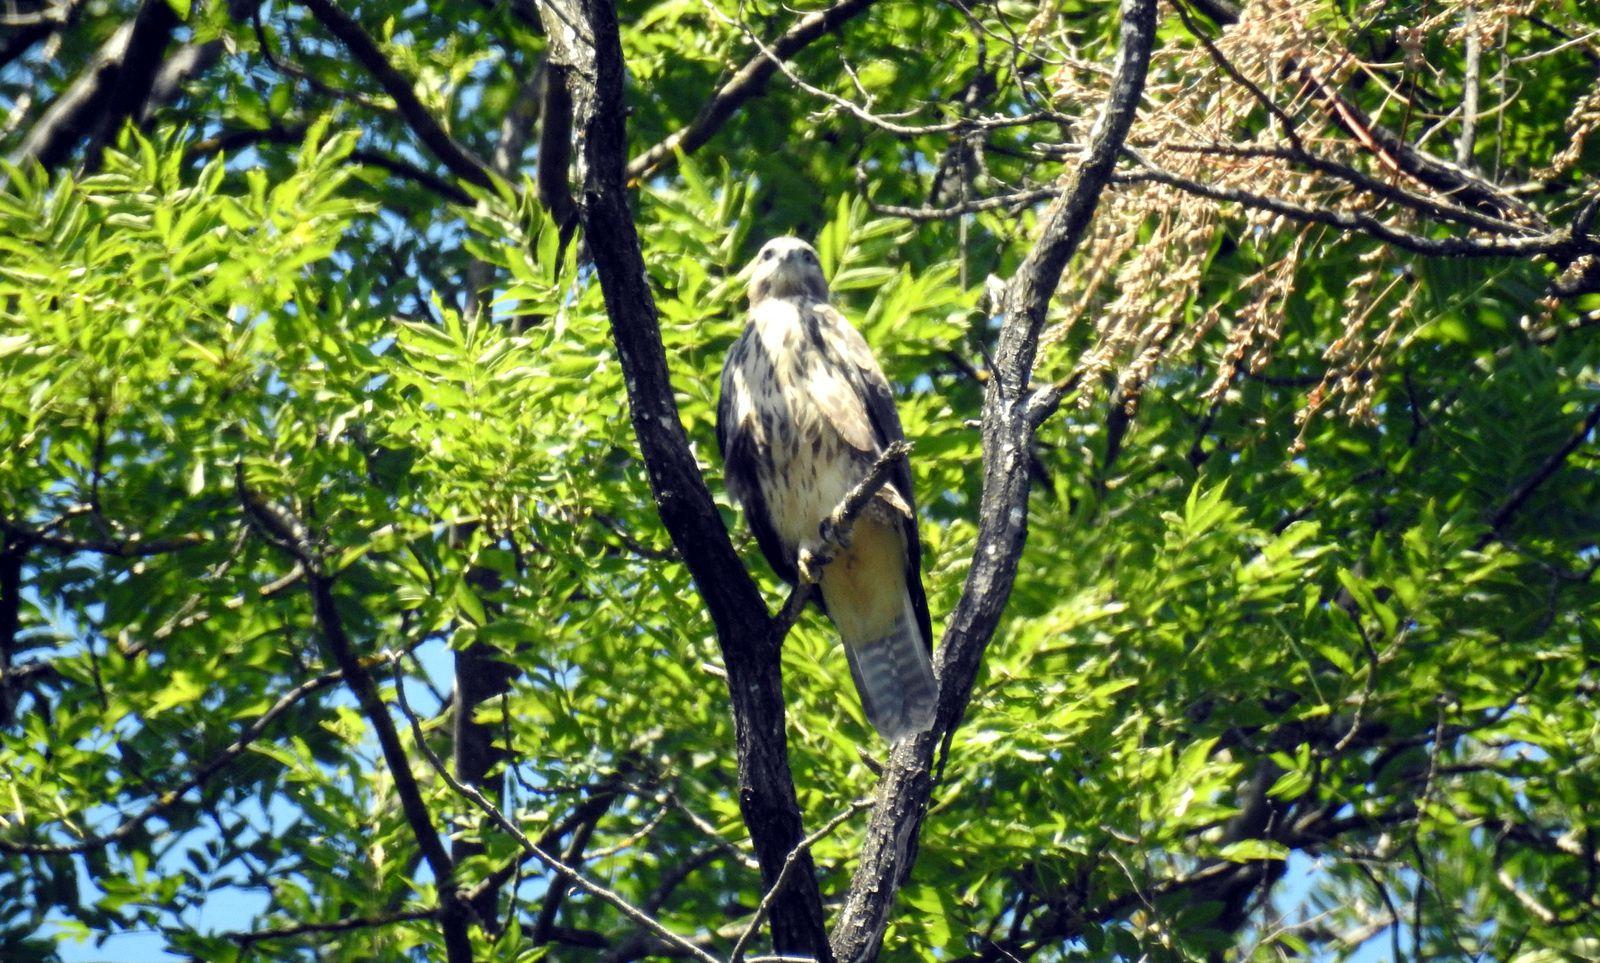 Le juvenile a un plumage plus clai avec des taches marrons sur la poitrine. Sa queue est également plus longue que celle des adultes.r